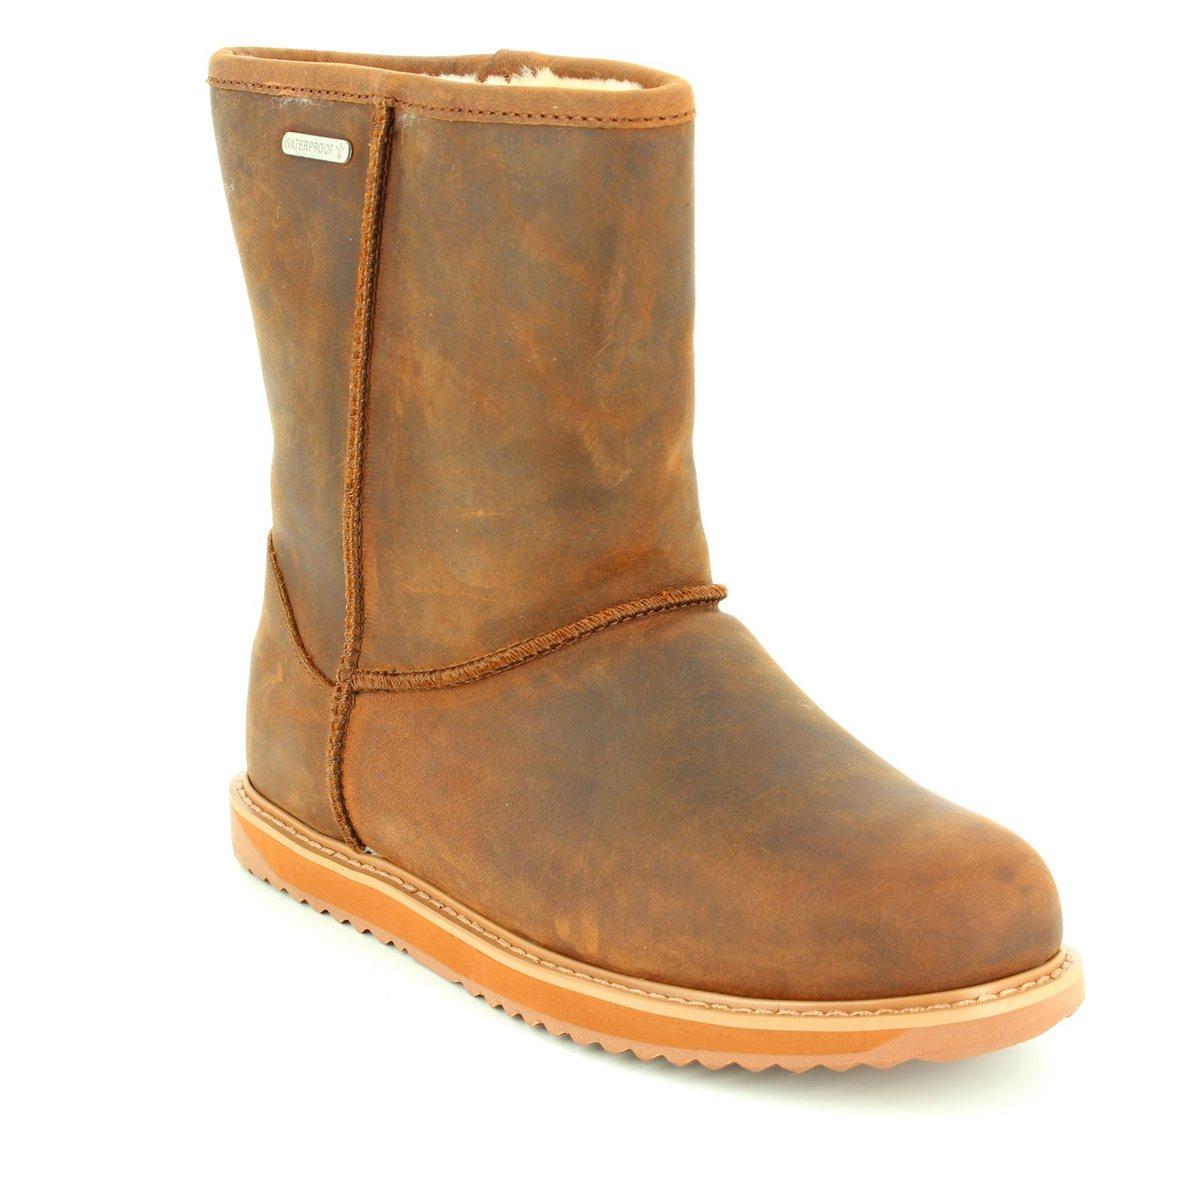 1e1e654f74 EMU Australia Ankle Boots - Brown - W11349/20 PATERSON LO